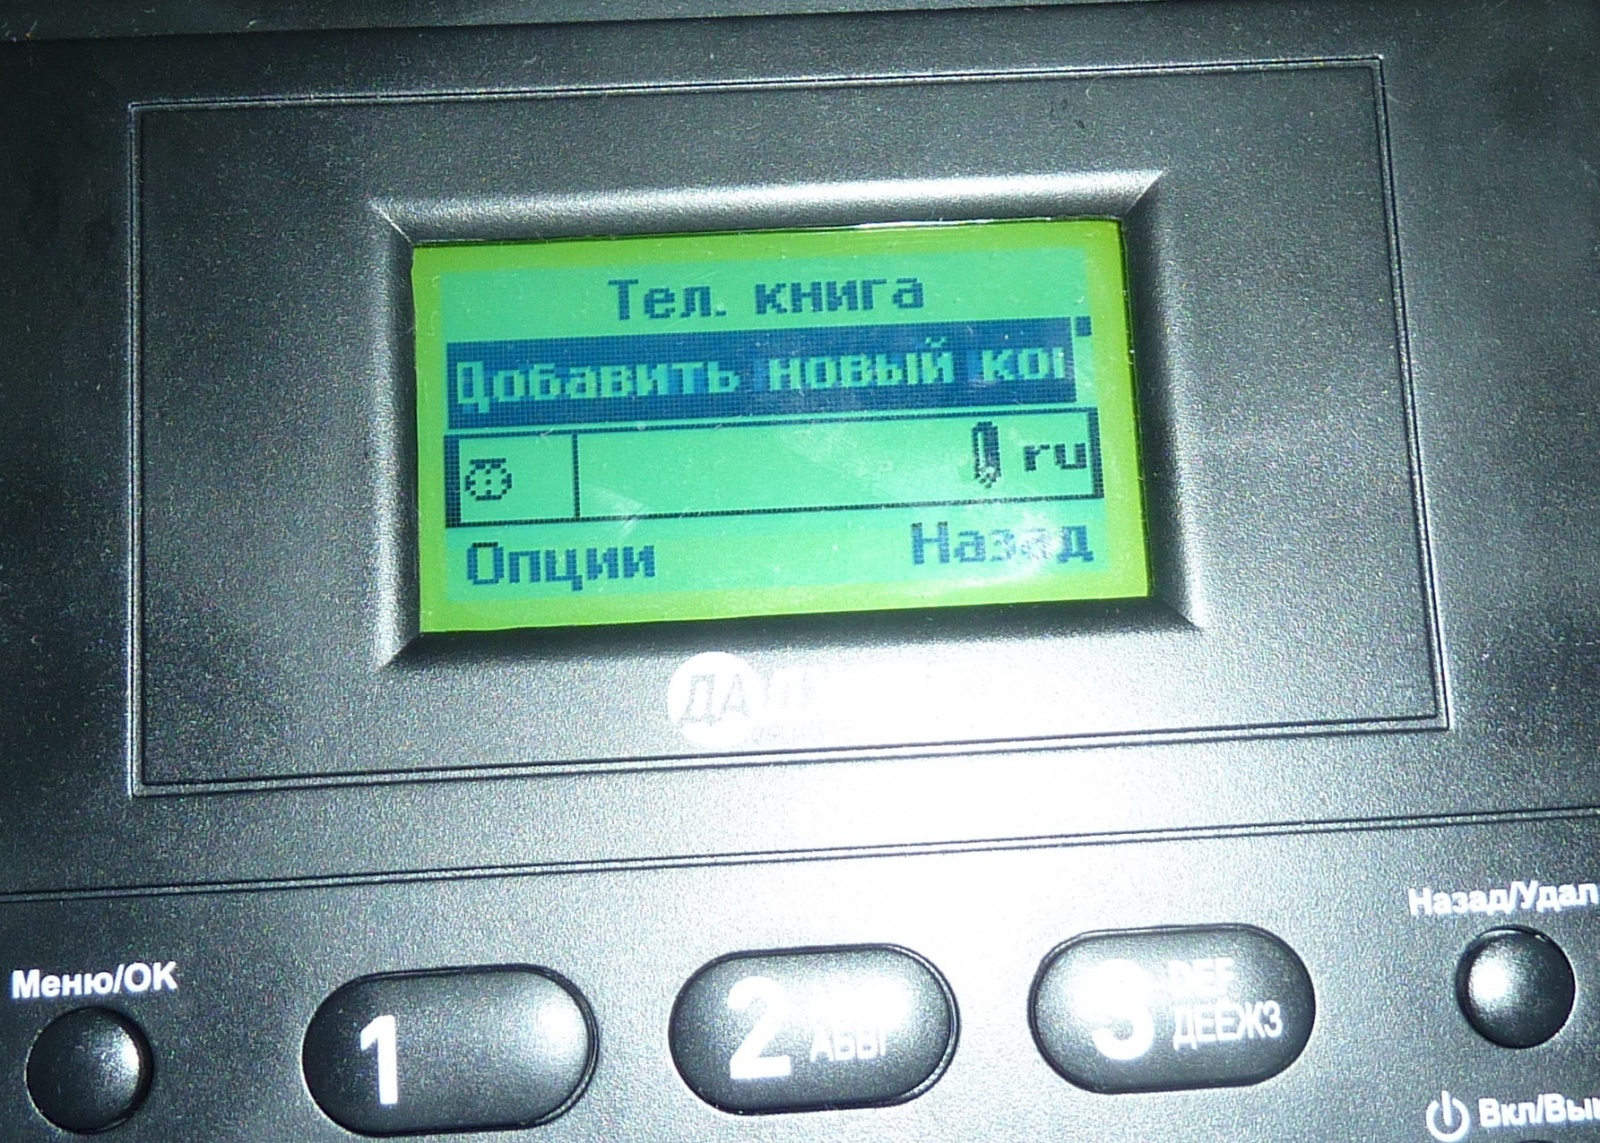 Стационарный сотовый телефон: связь без проблем - 15